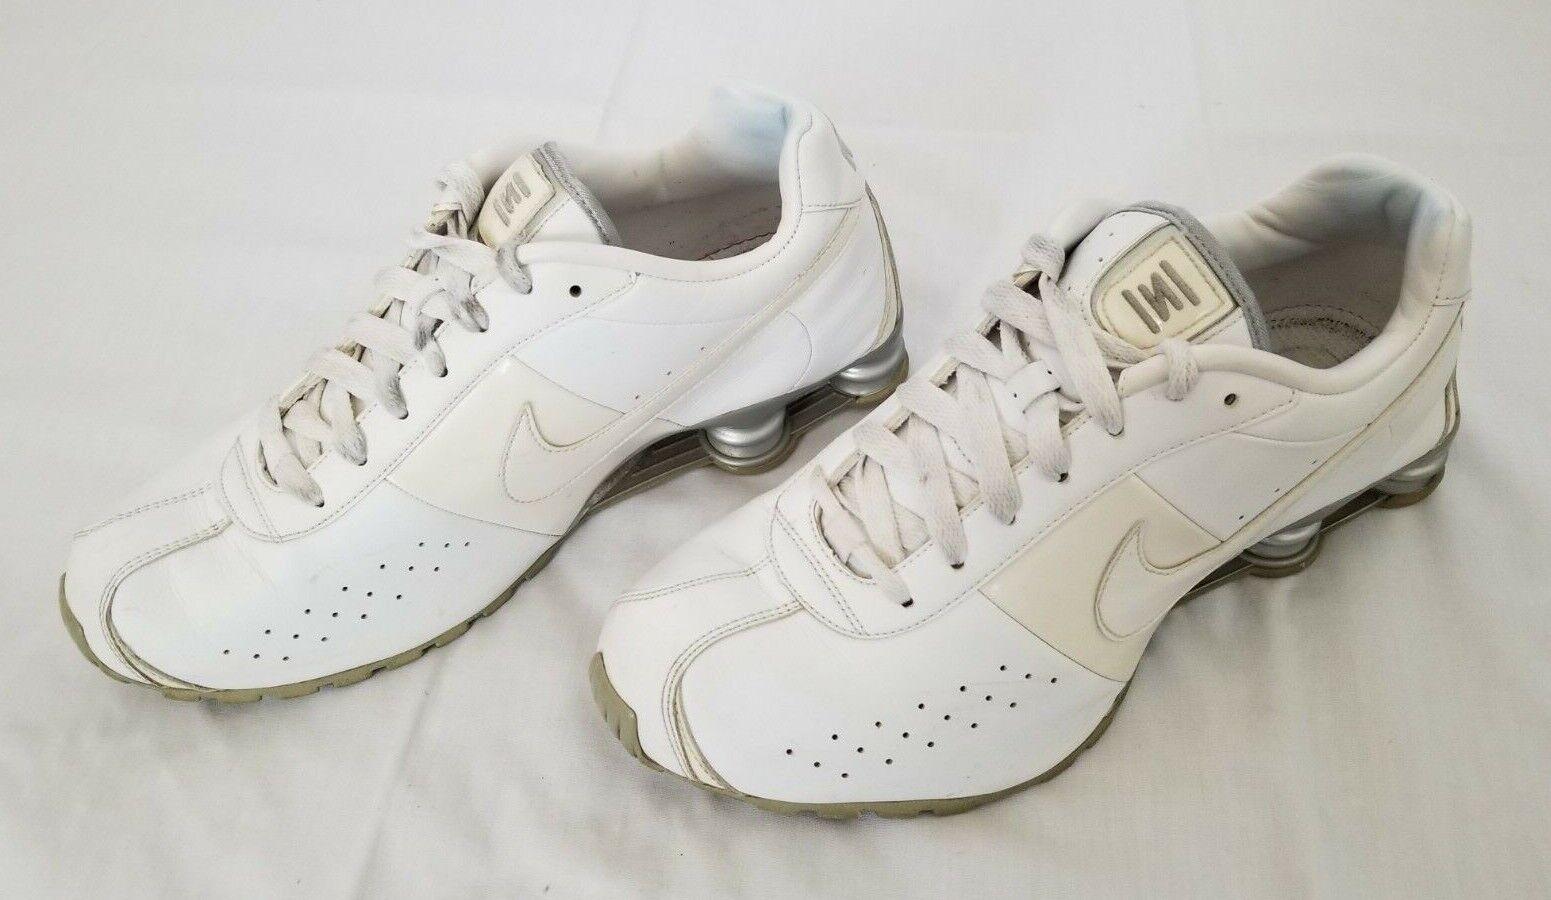 Mens Size 12 White Metallic Silver Nike Shox Classic II Running Shoes  343900-111